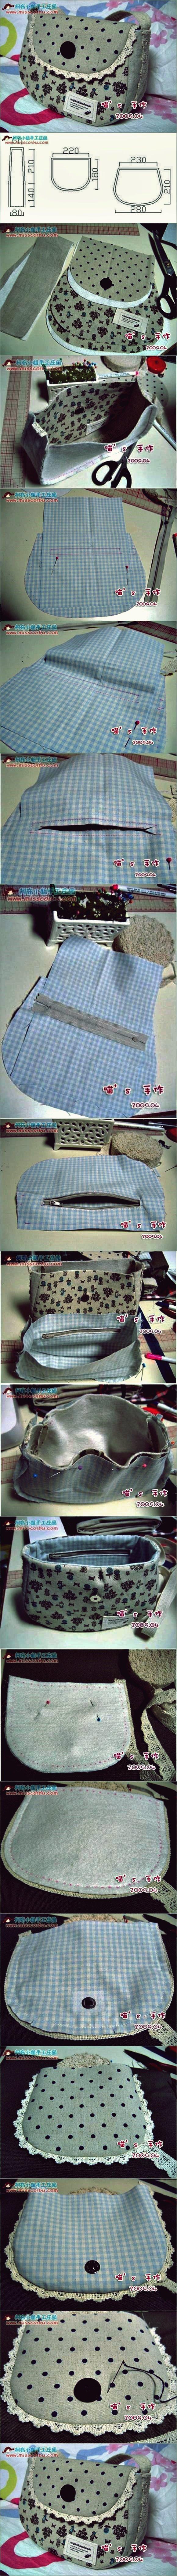 DIY Wie man eine einfache Sommerhandtasche näht